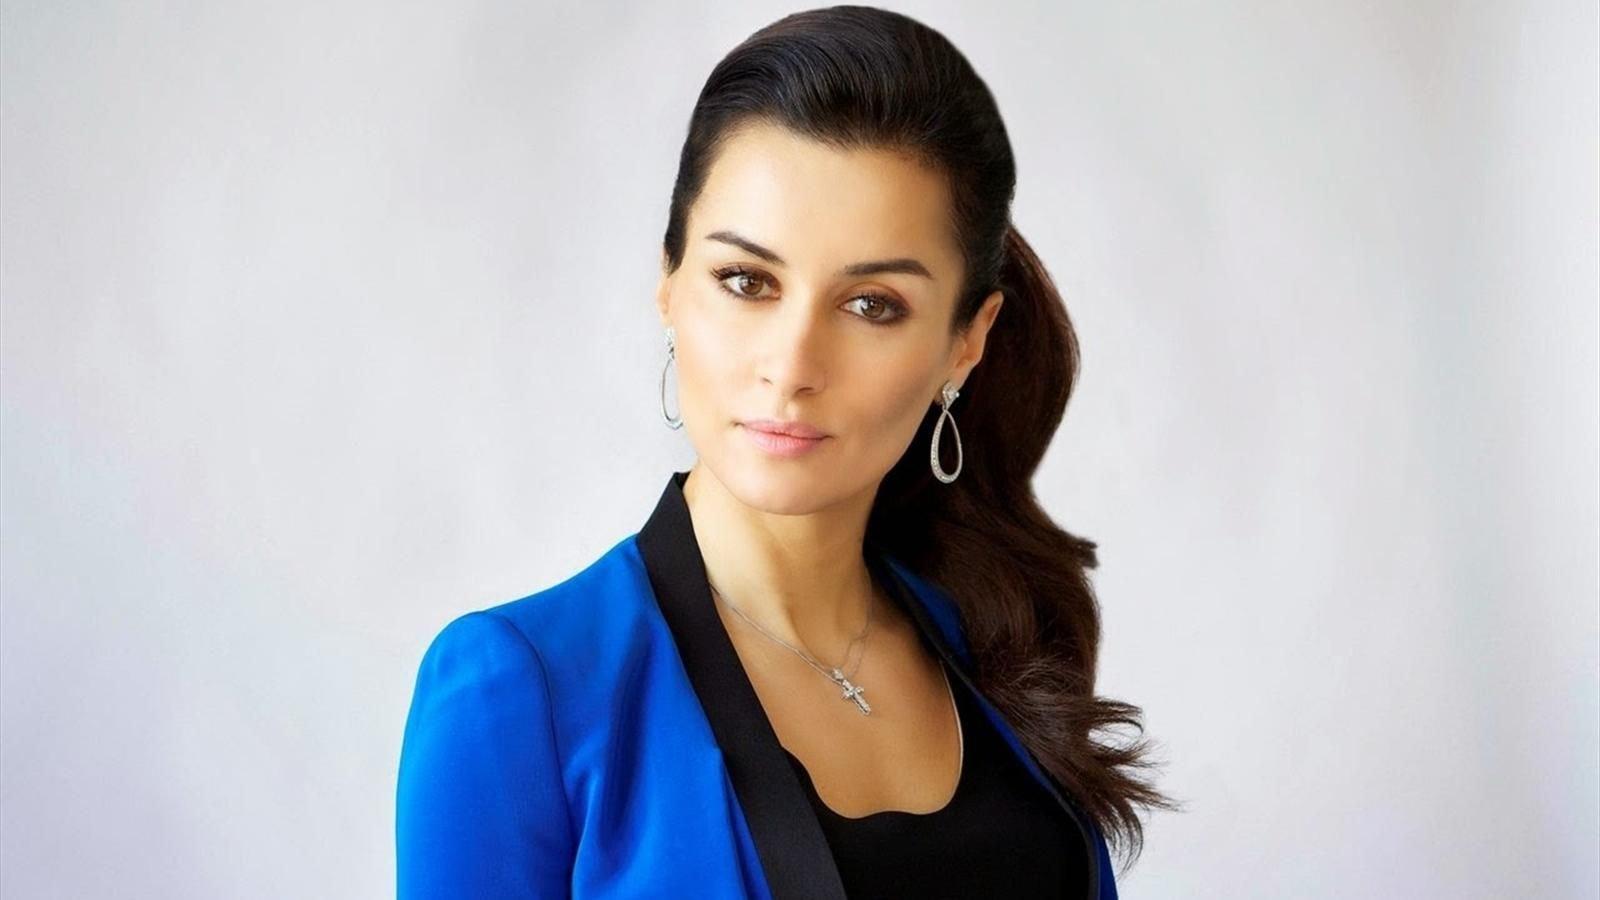 Тина Канделаки поделилась снимком дочери